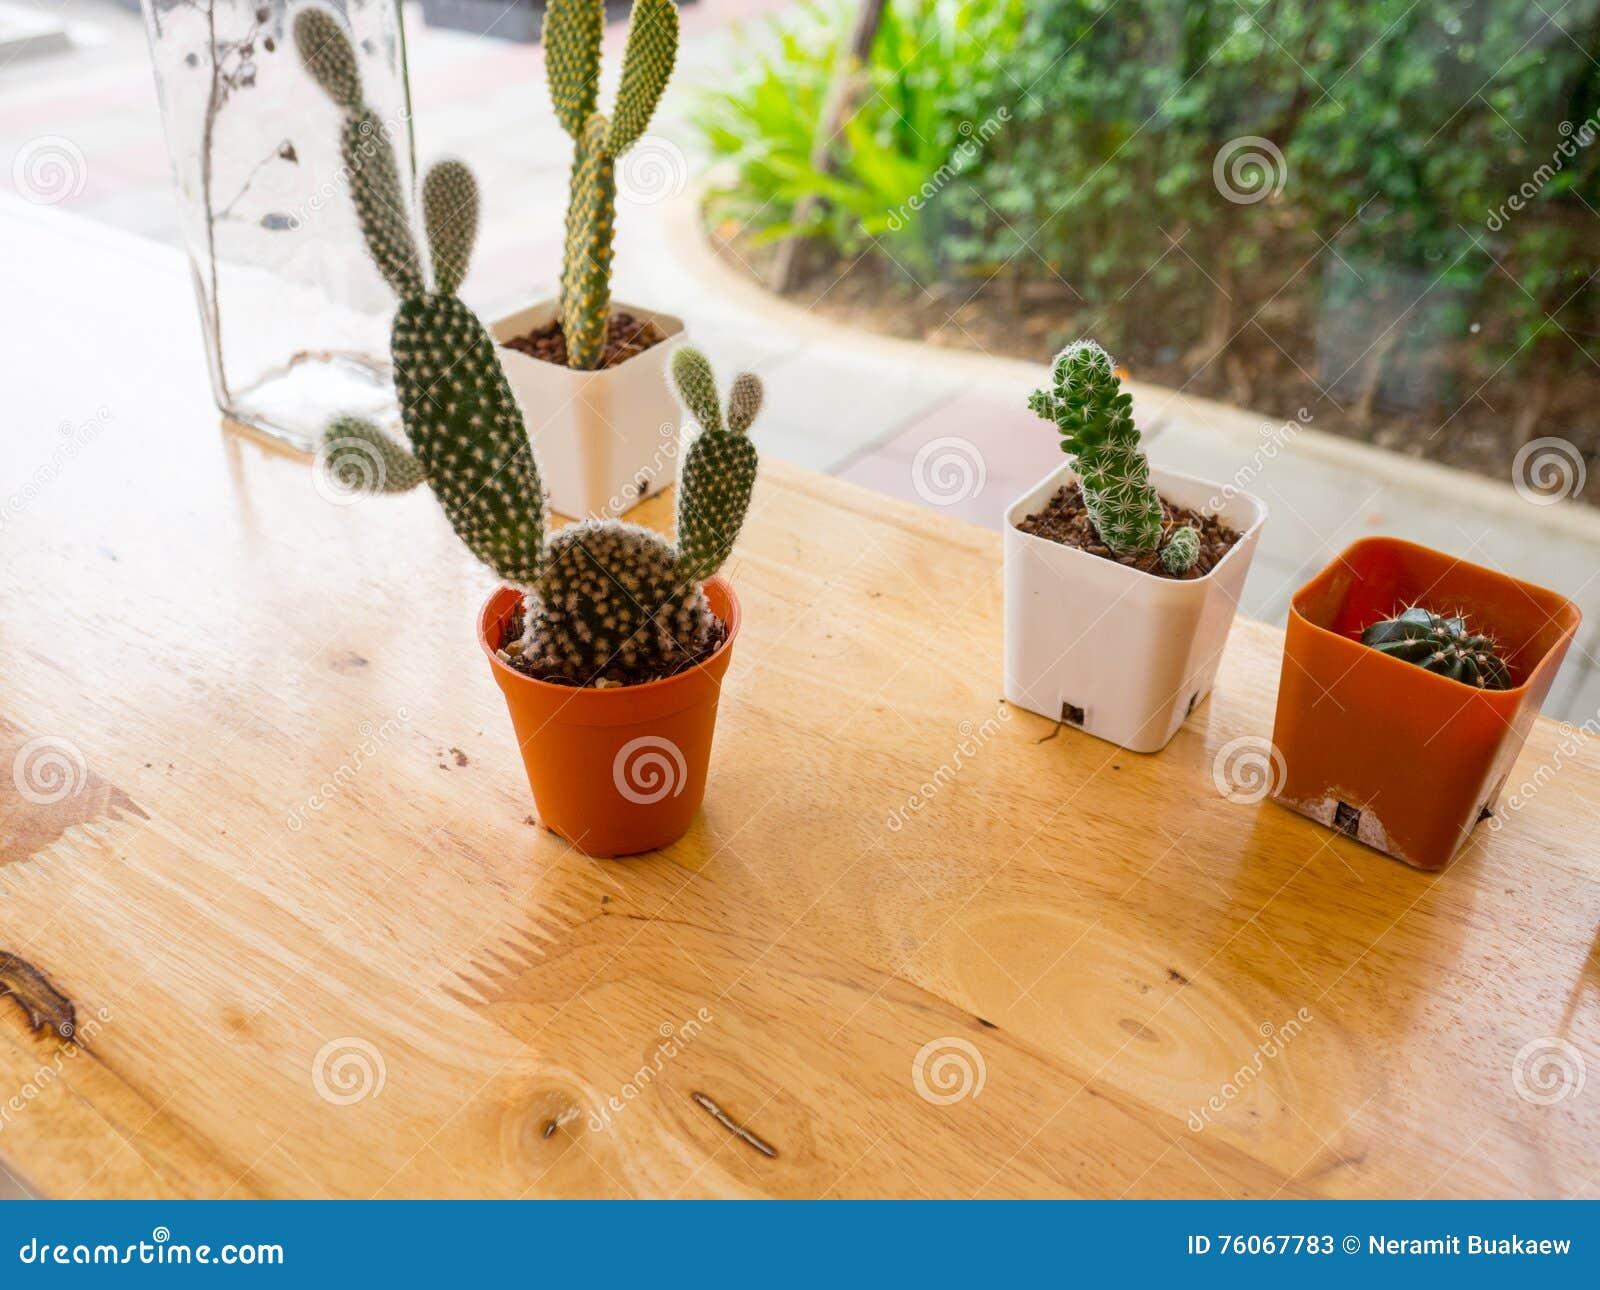 Kaktuspflanzen Auf Dem Tisch Abbildung Der Roten Lilie Stockbild ...